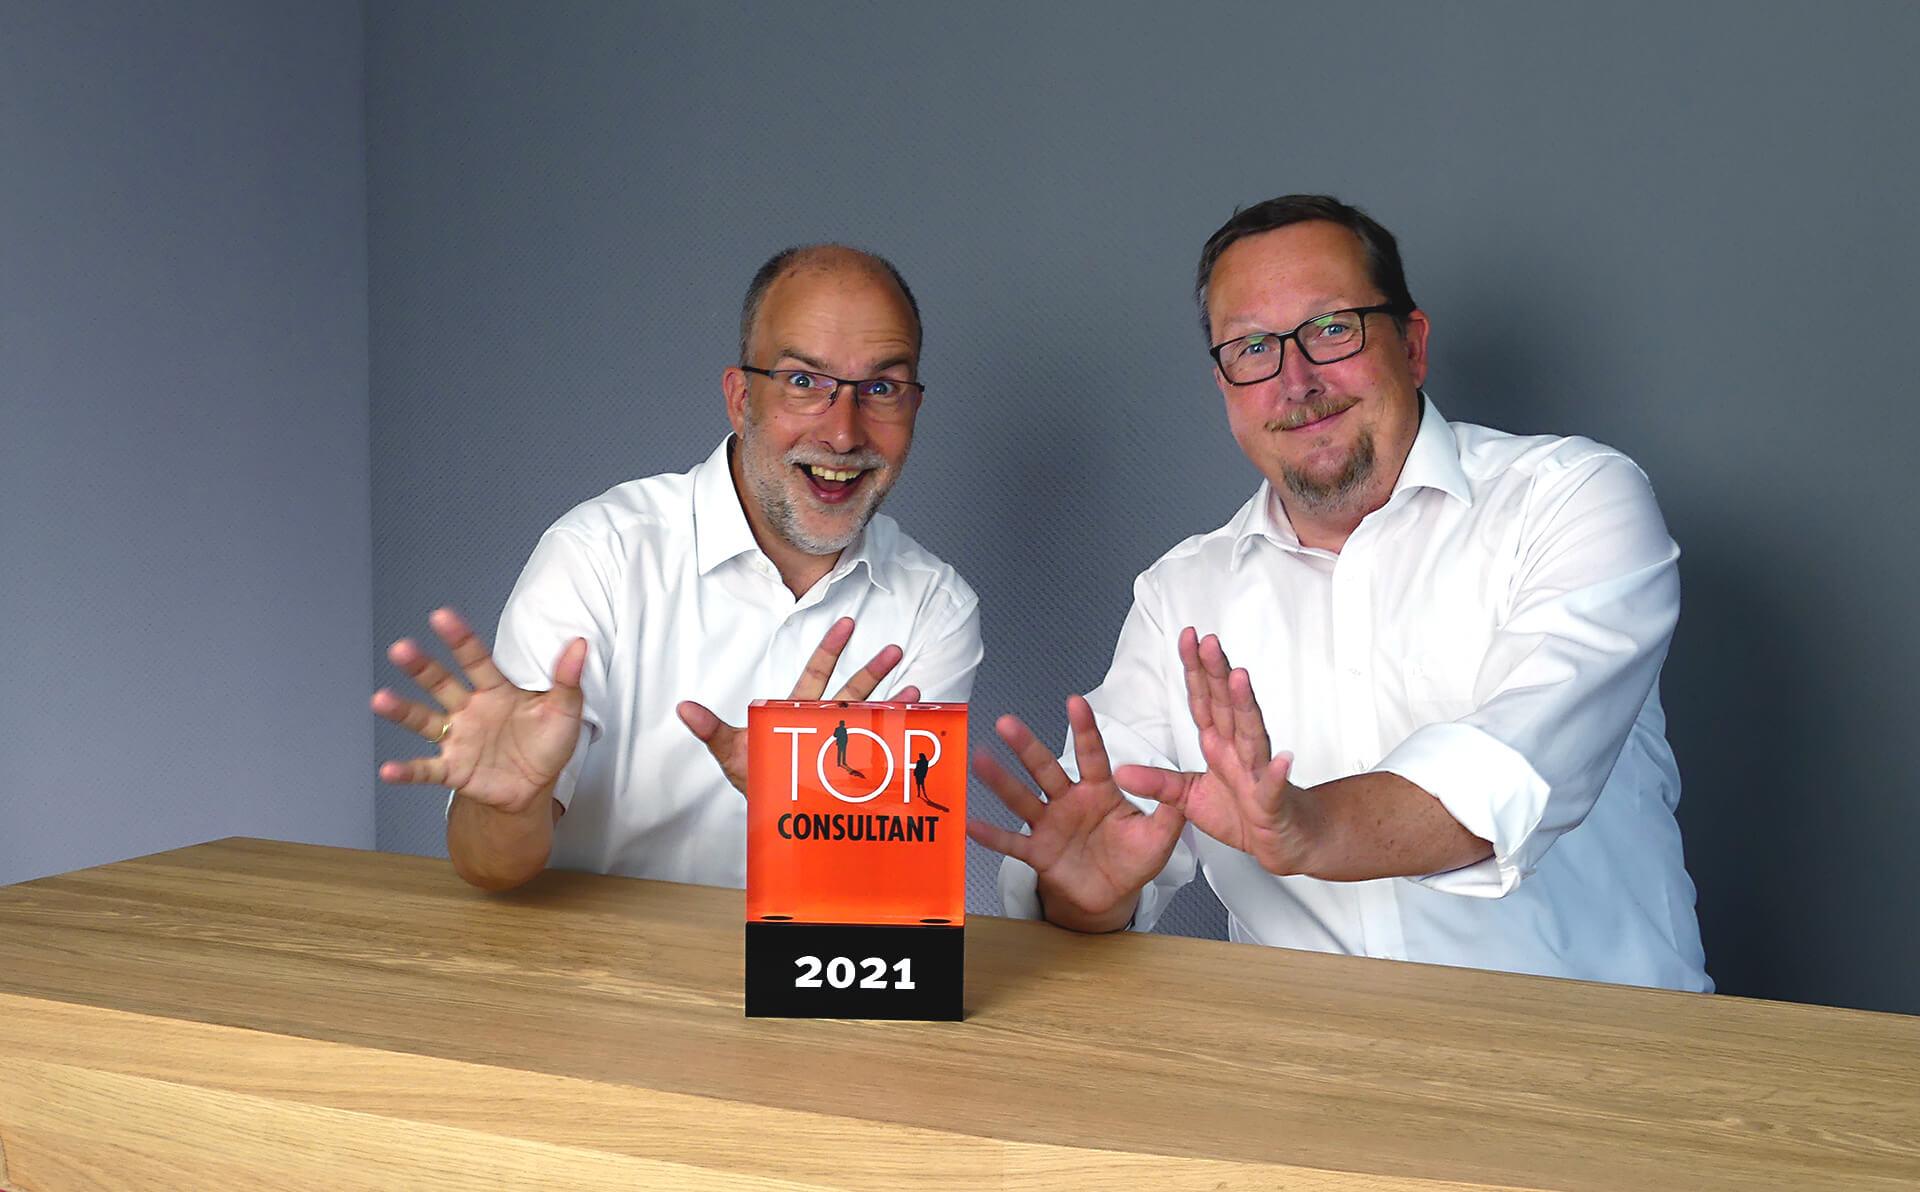 Die Geschäftsführer freuen sich über den Top Consultant Award